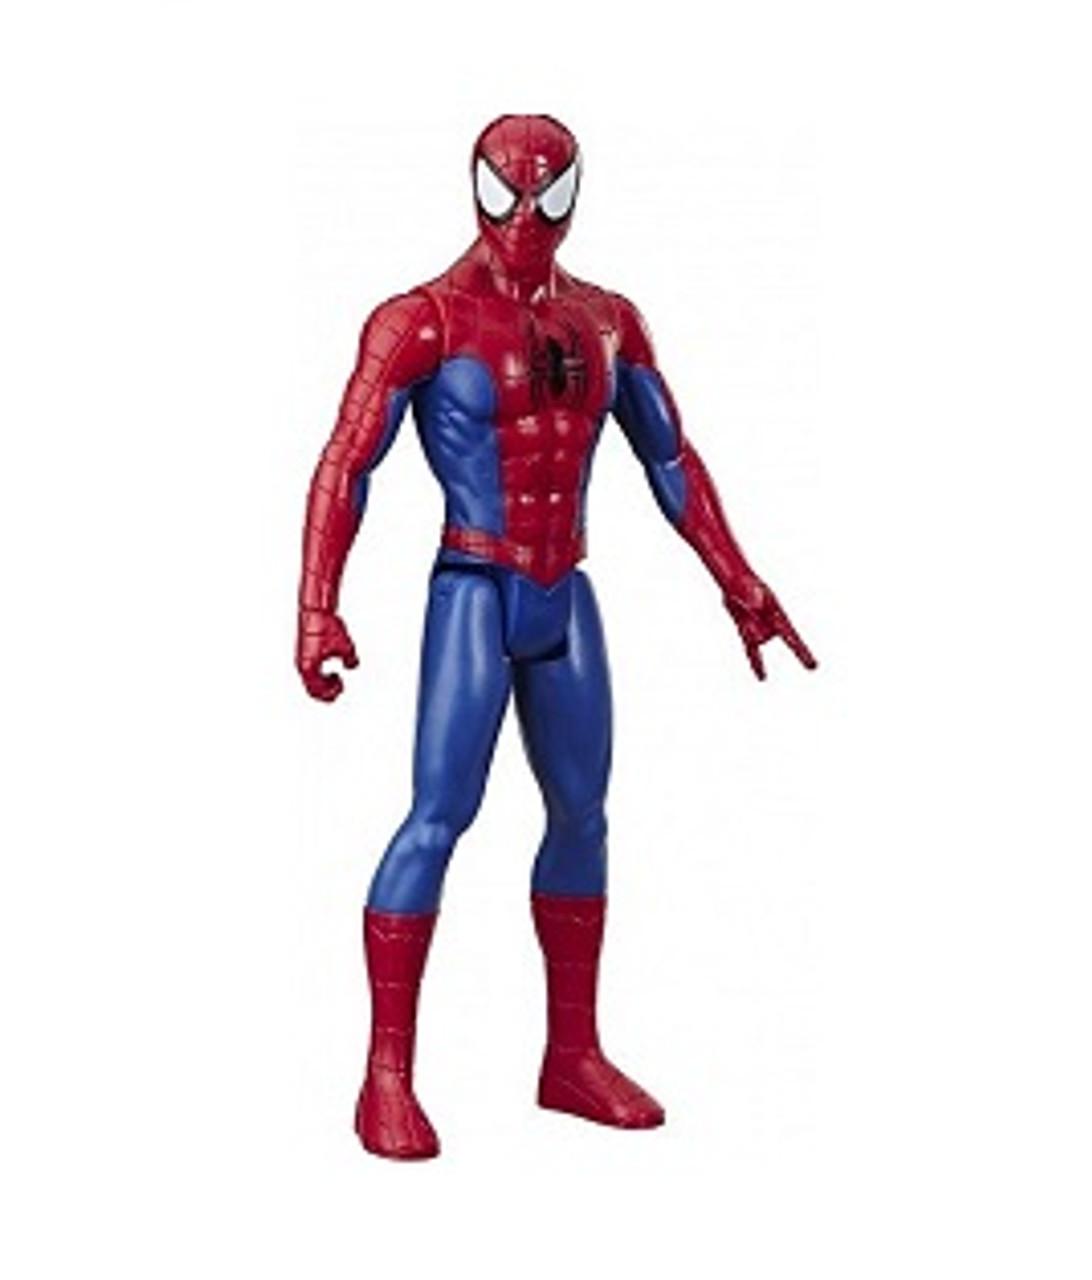 SPIDER-MAN TITAN HERO SERIES SPIDER-MAN W1